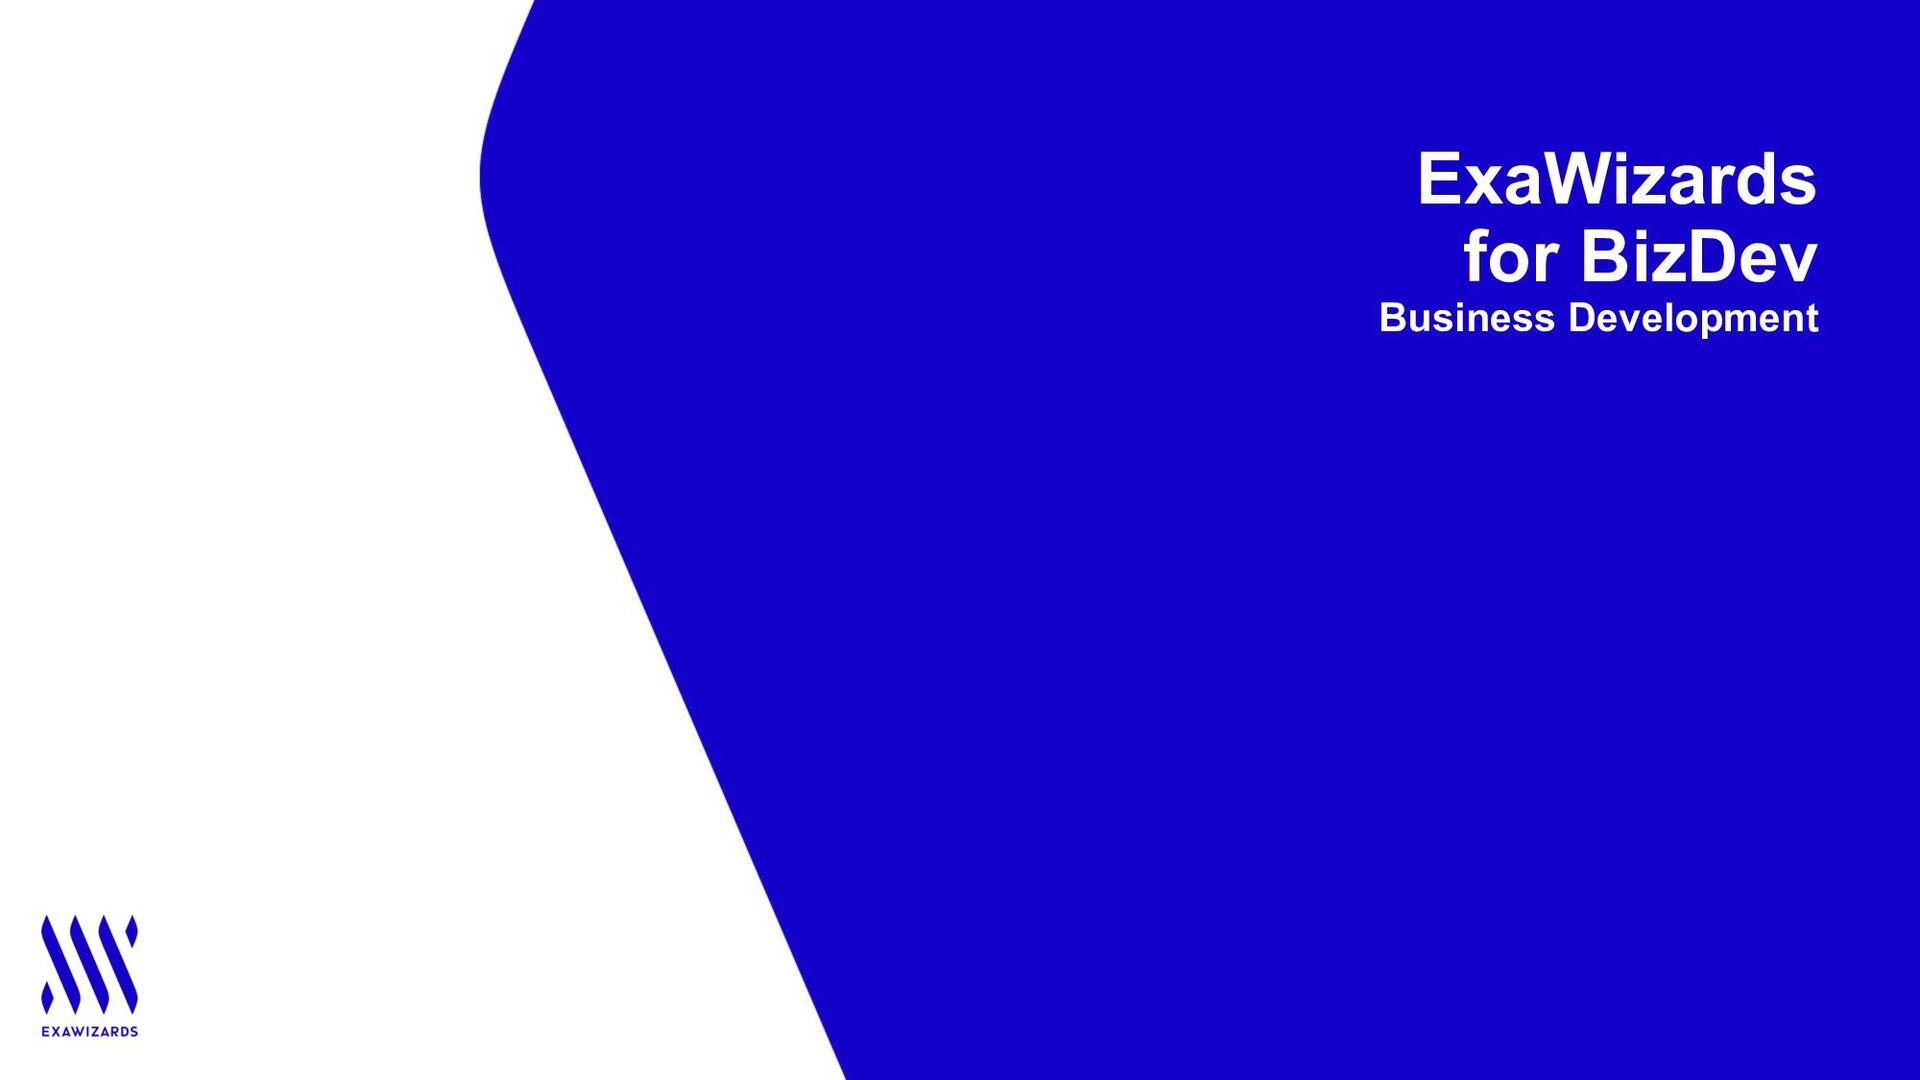 ExaWizards for BizDev Business Development